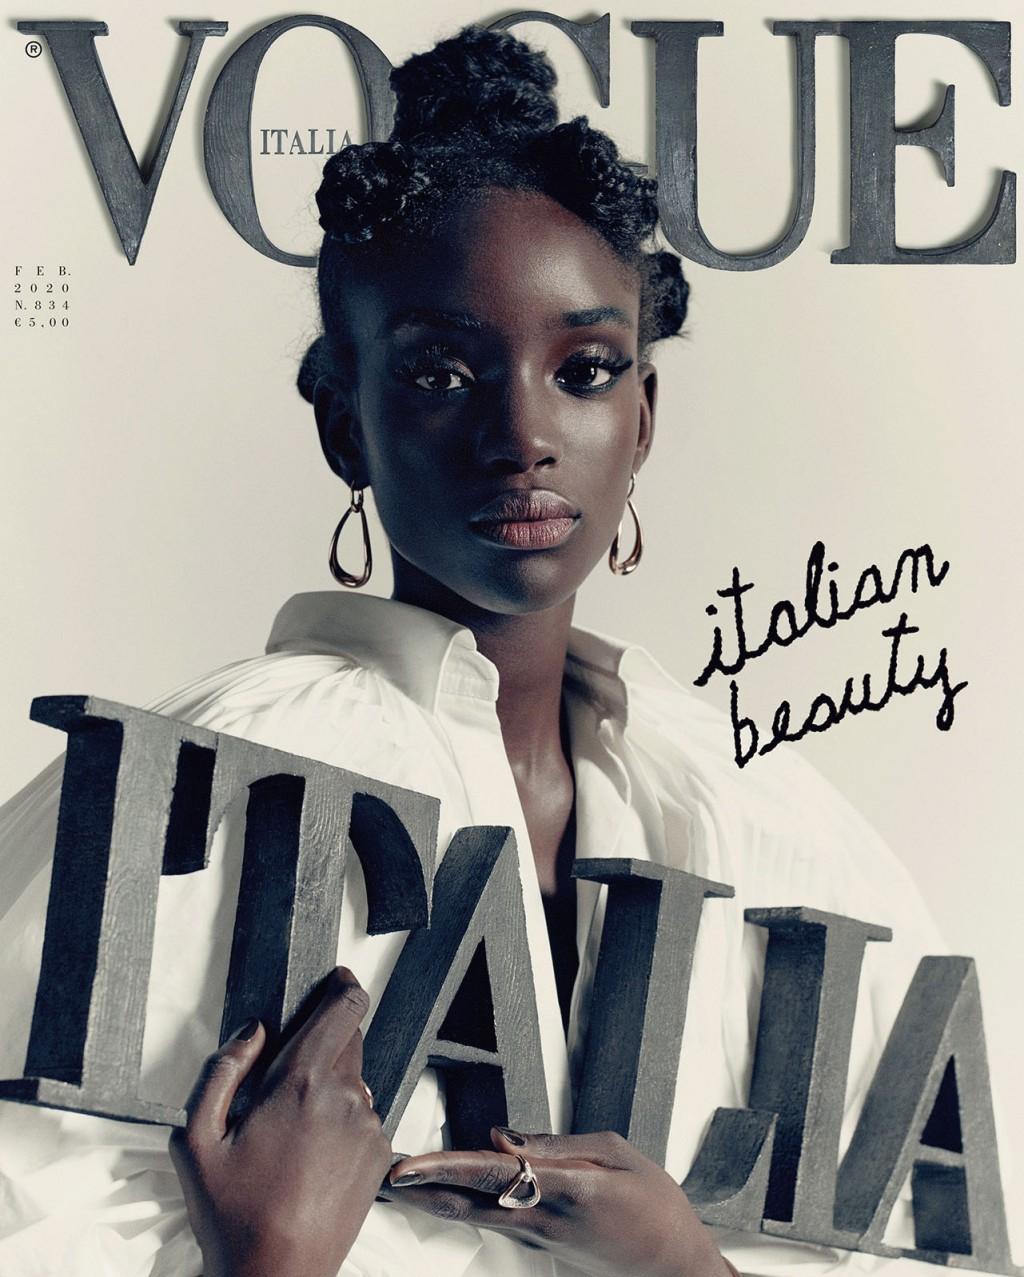 Bellezza Italiana | La copertina di Vogue Italia con Maty Fall non è solo una copertina